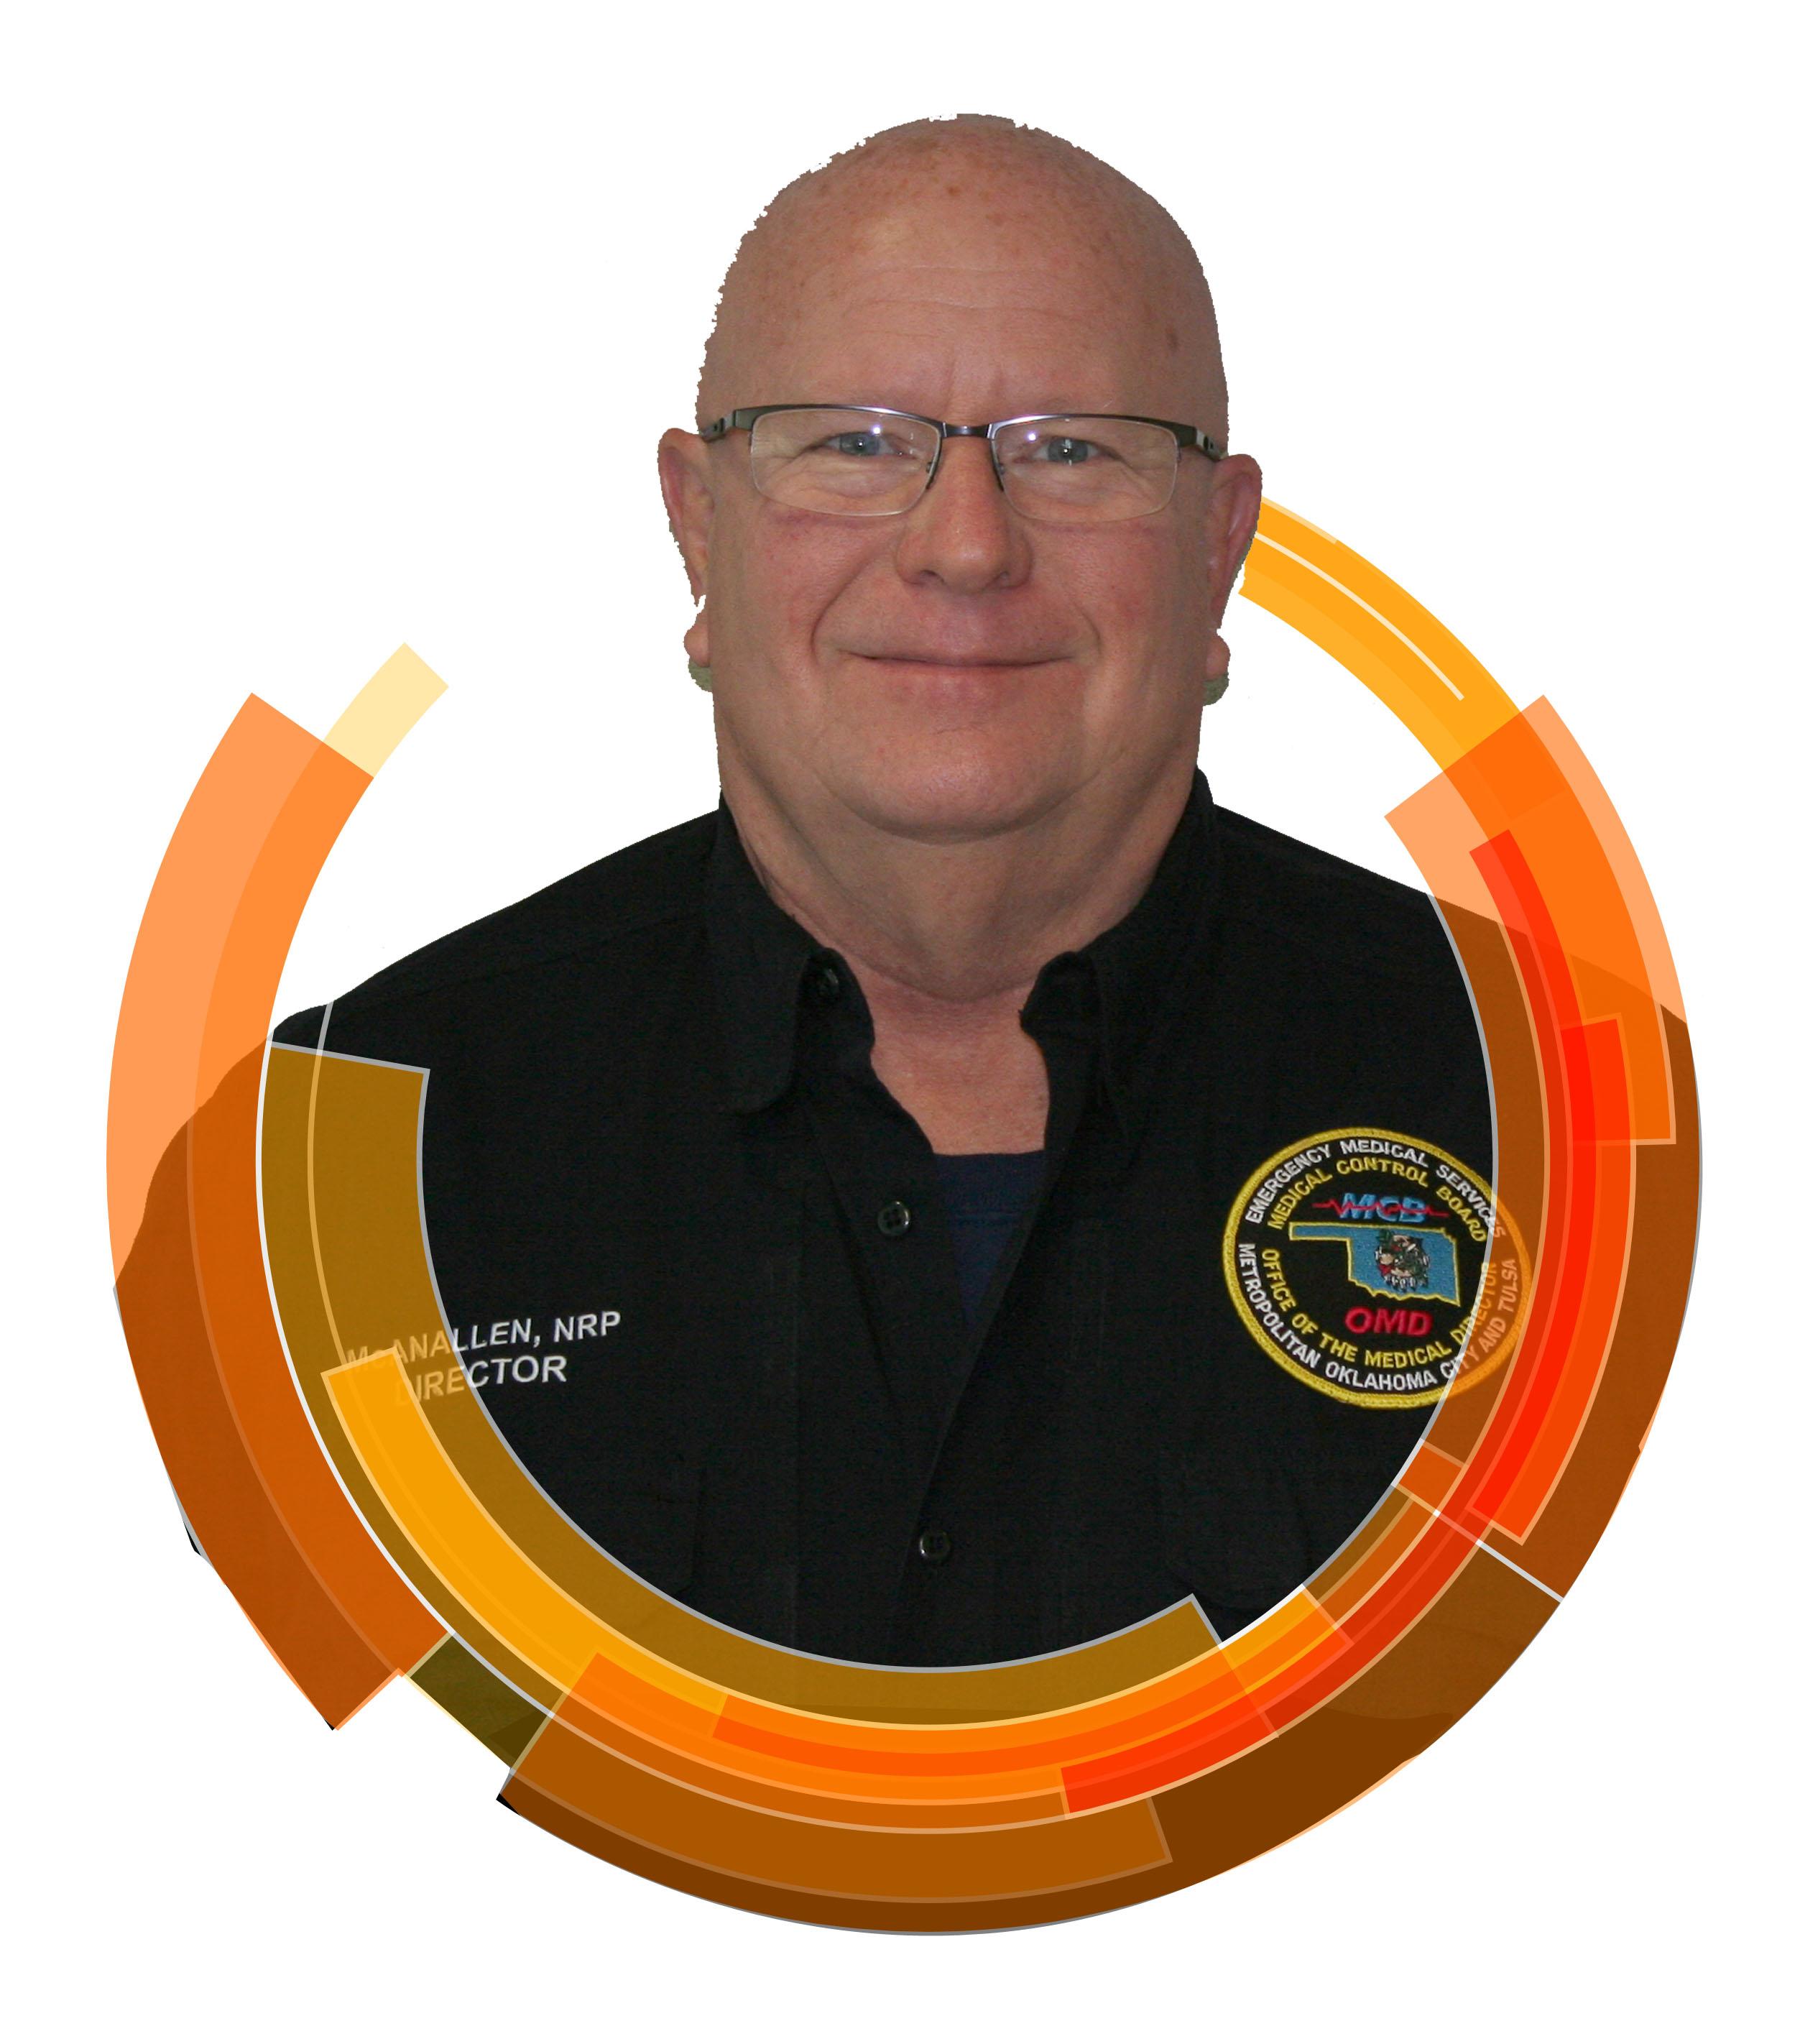 Duffy McAnallen